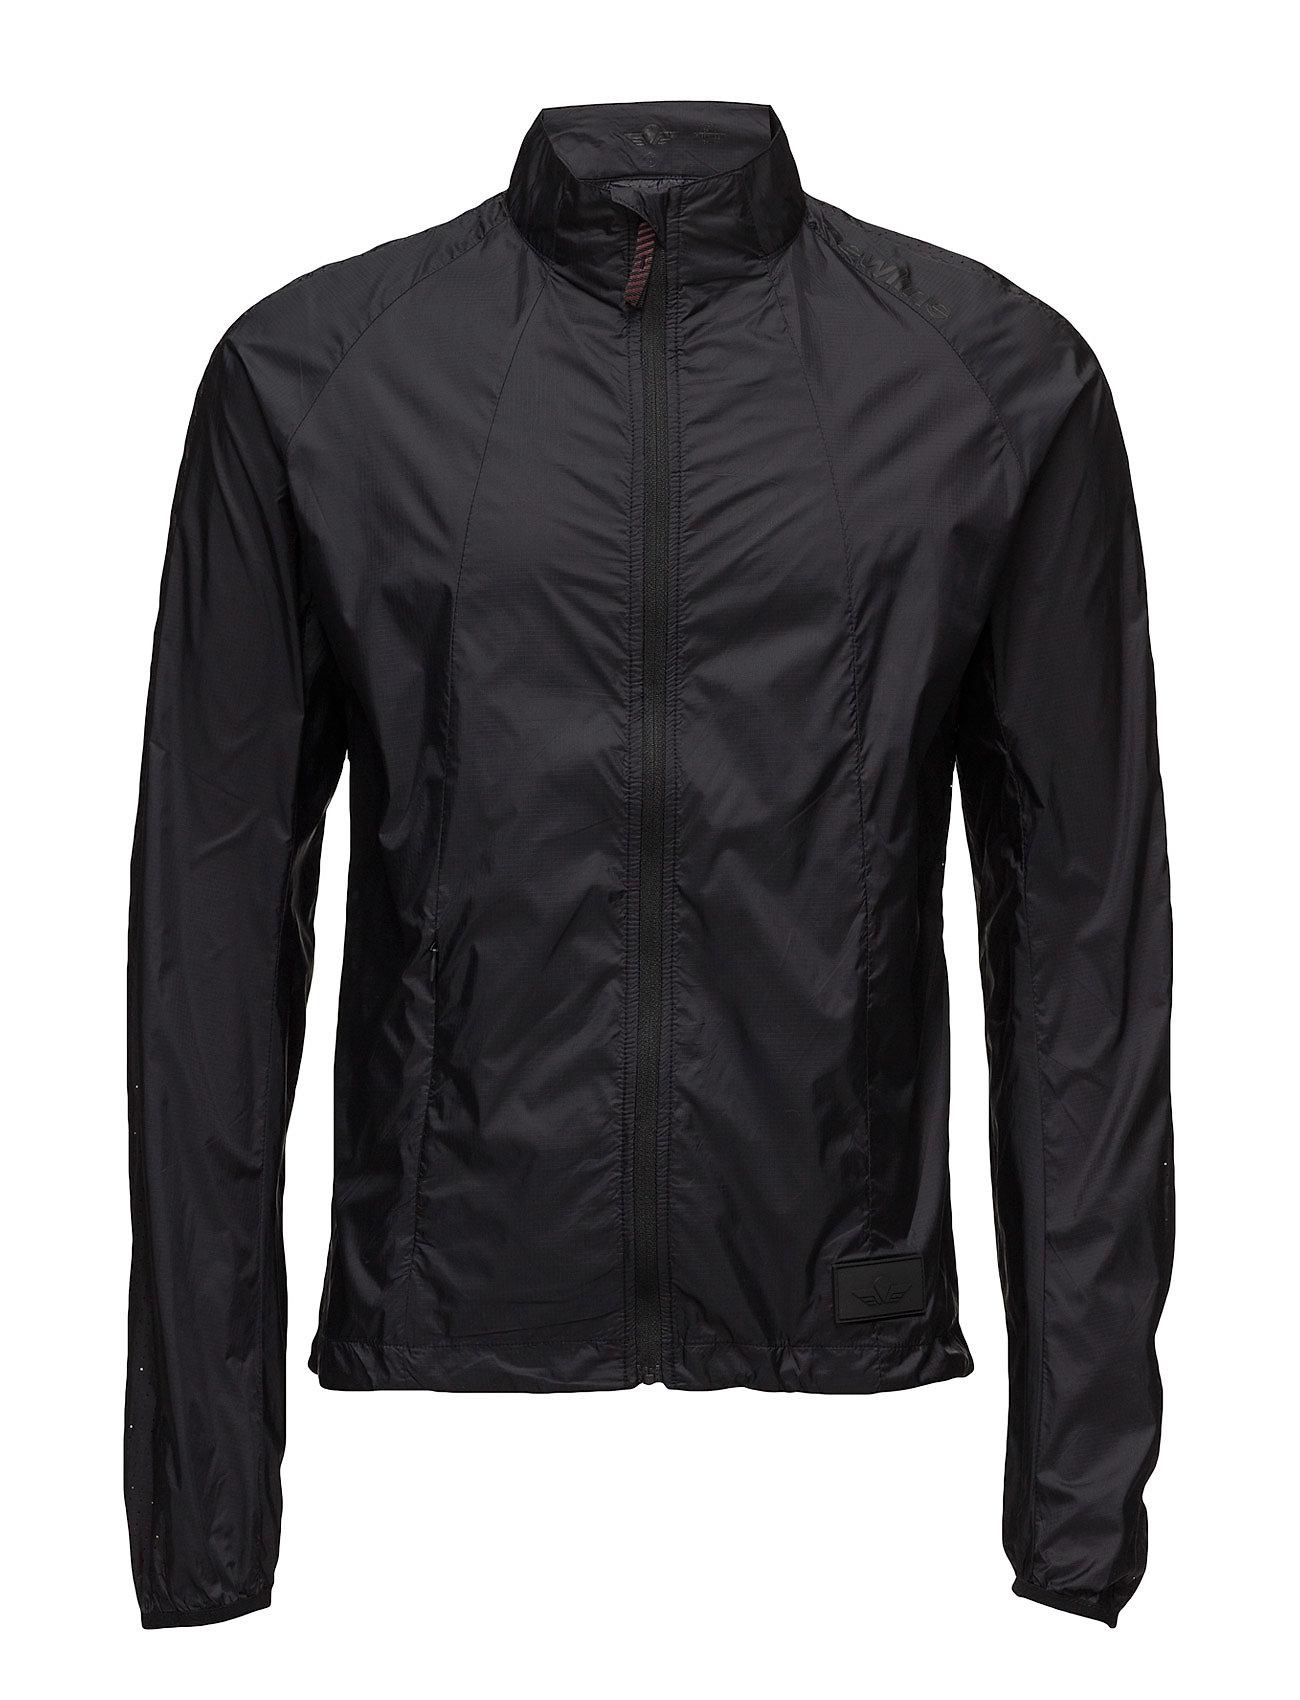 Black Windshield Jacket Newline Sportsjakker til Herrer i Sort